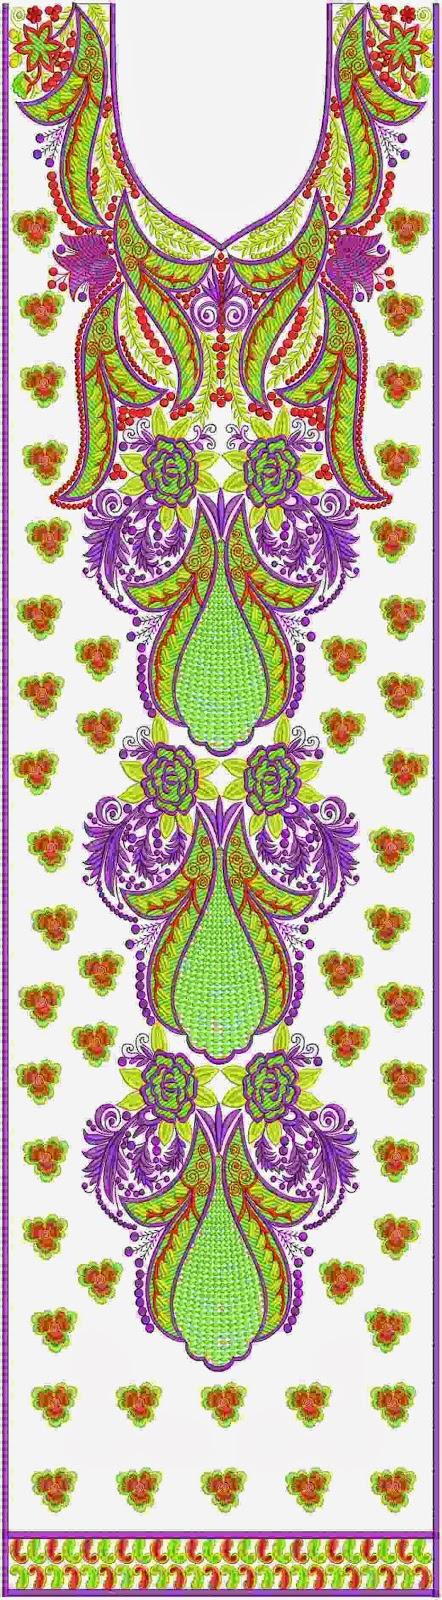 blomme quilt masjien borduurwerk Kurti rok